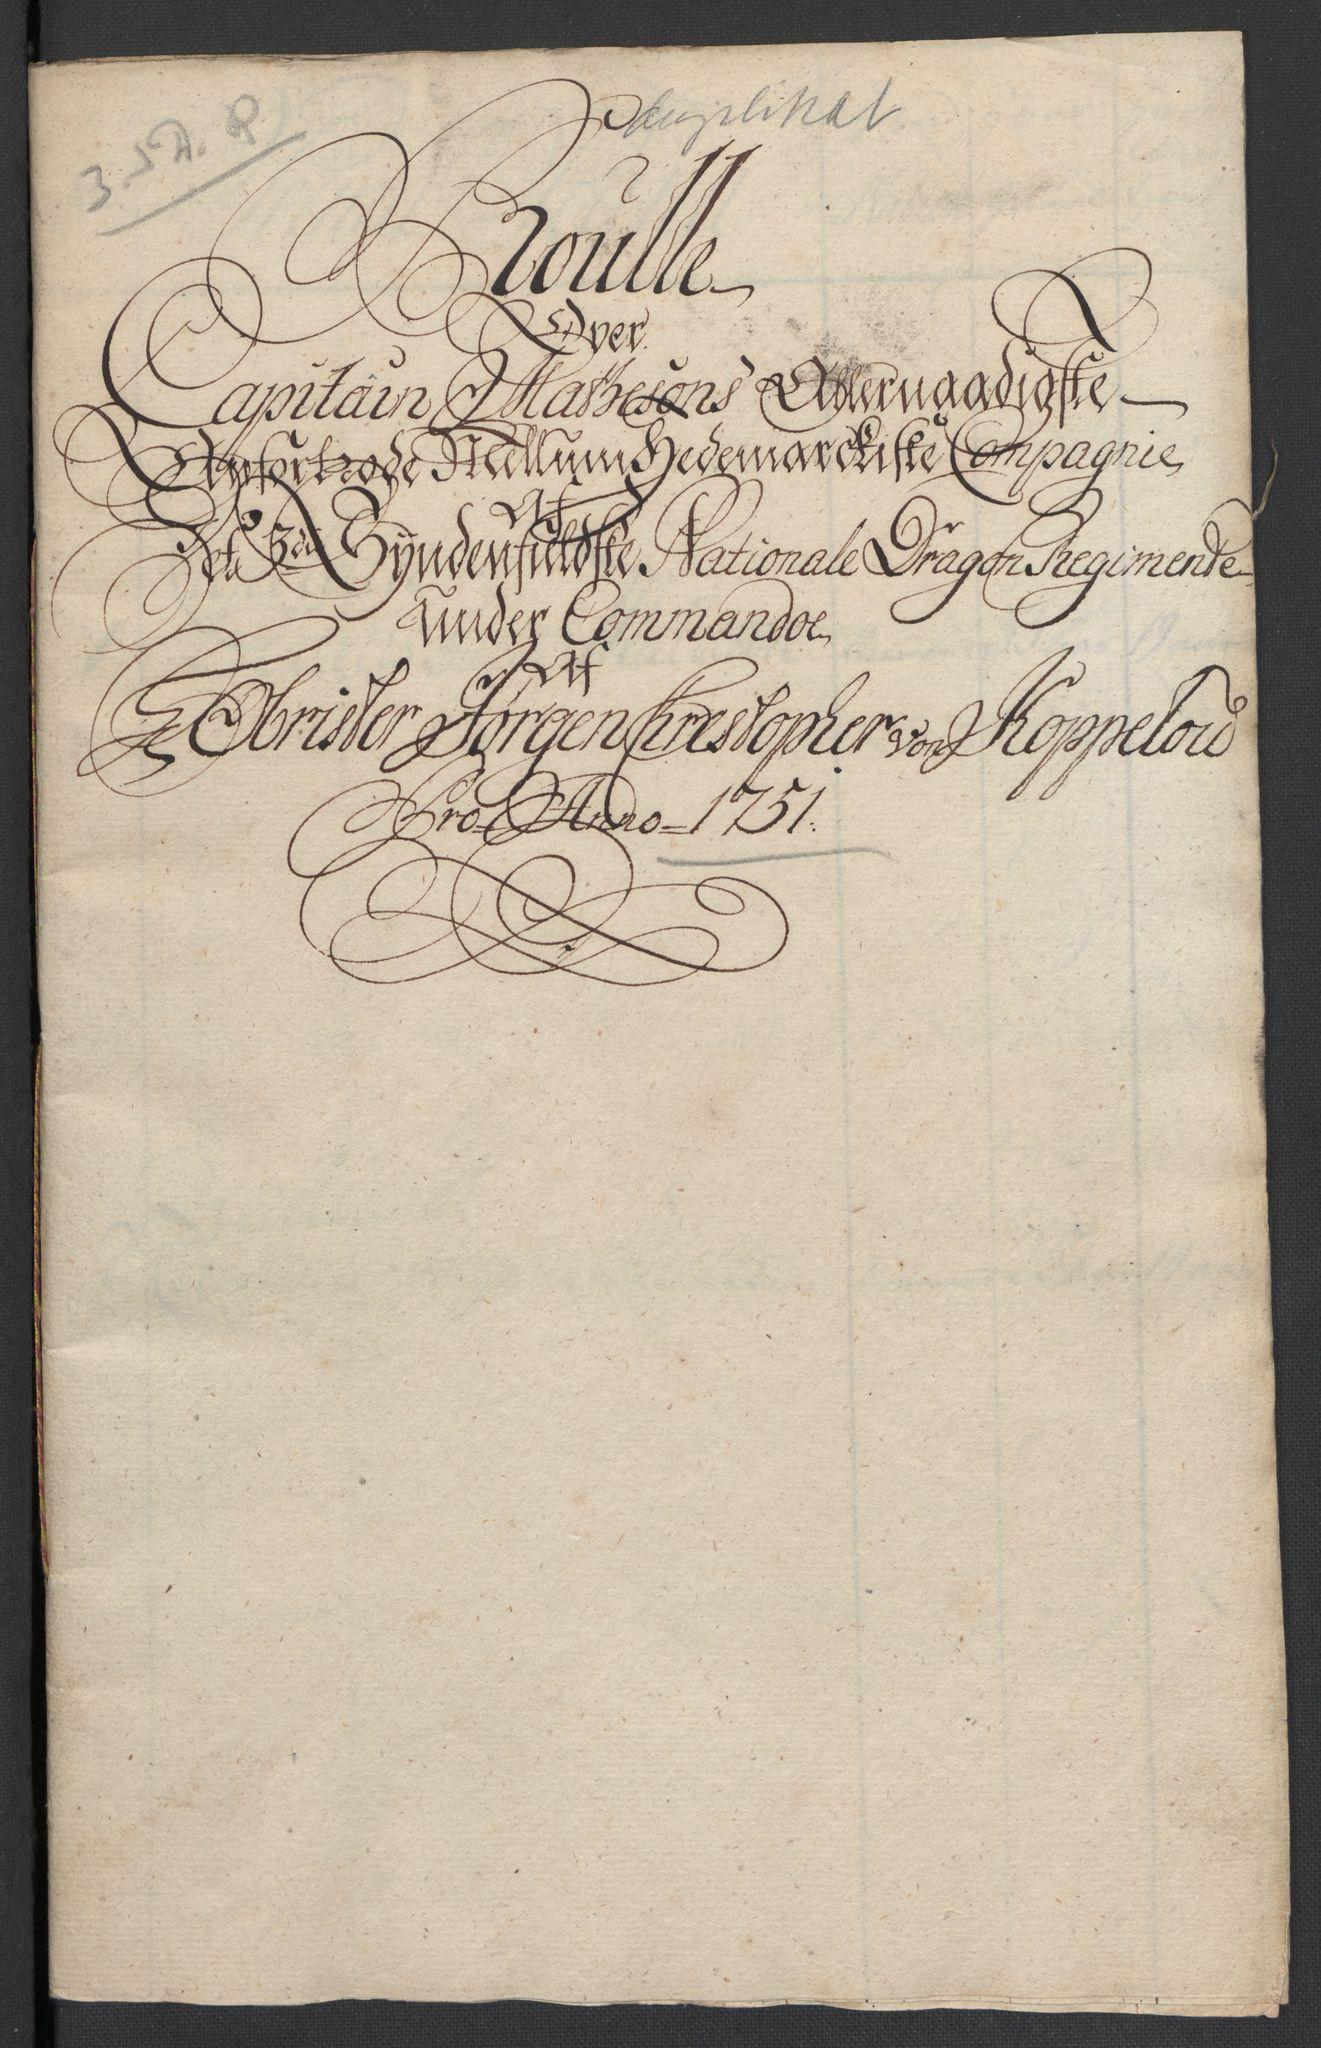 RA, Kommanderende general (KG I) med Det norske krigsdirektorium, E/Ea/L0479: 3. Sønnafjelske dragonregiment, 1756-1760, s. 552